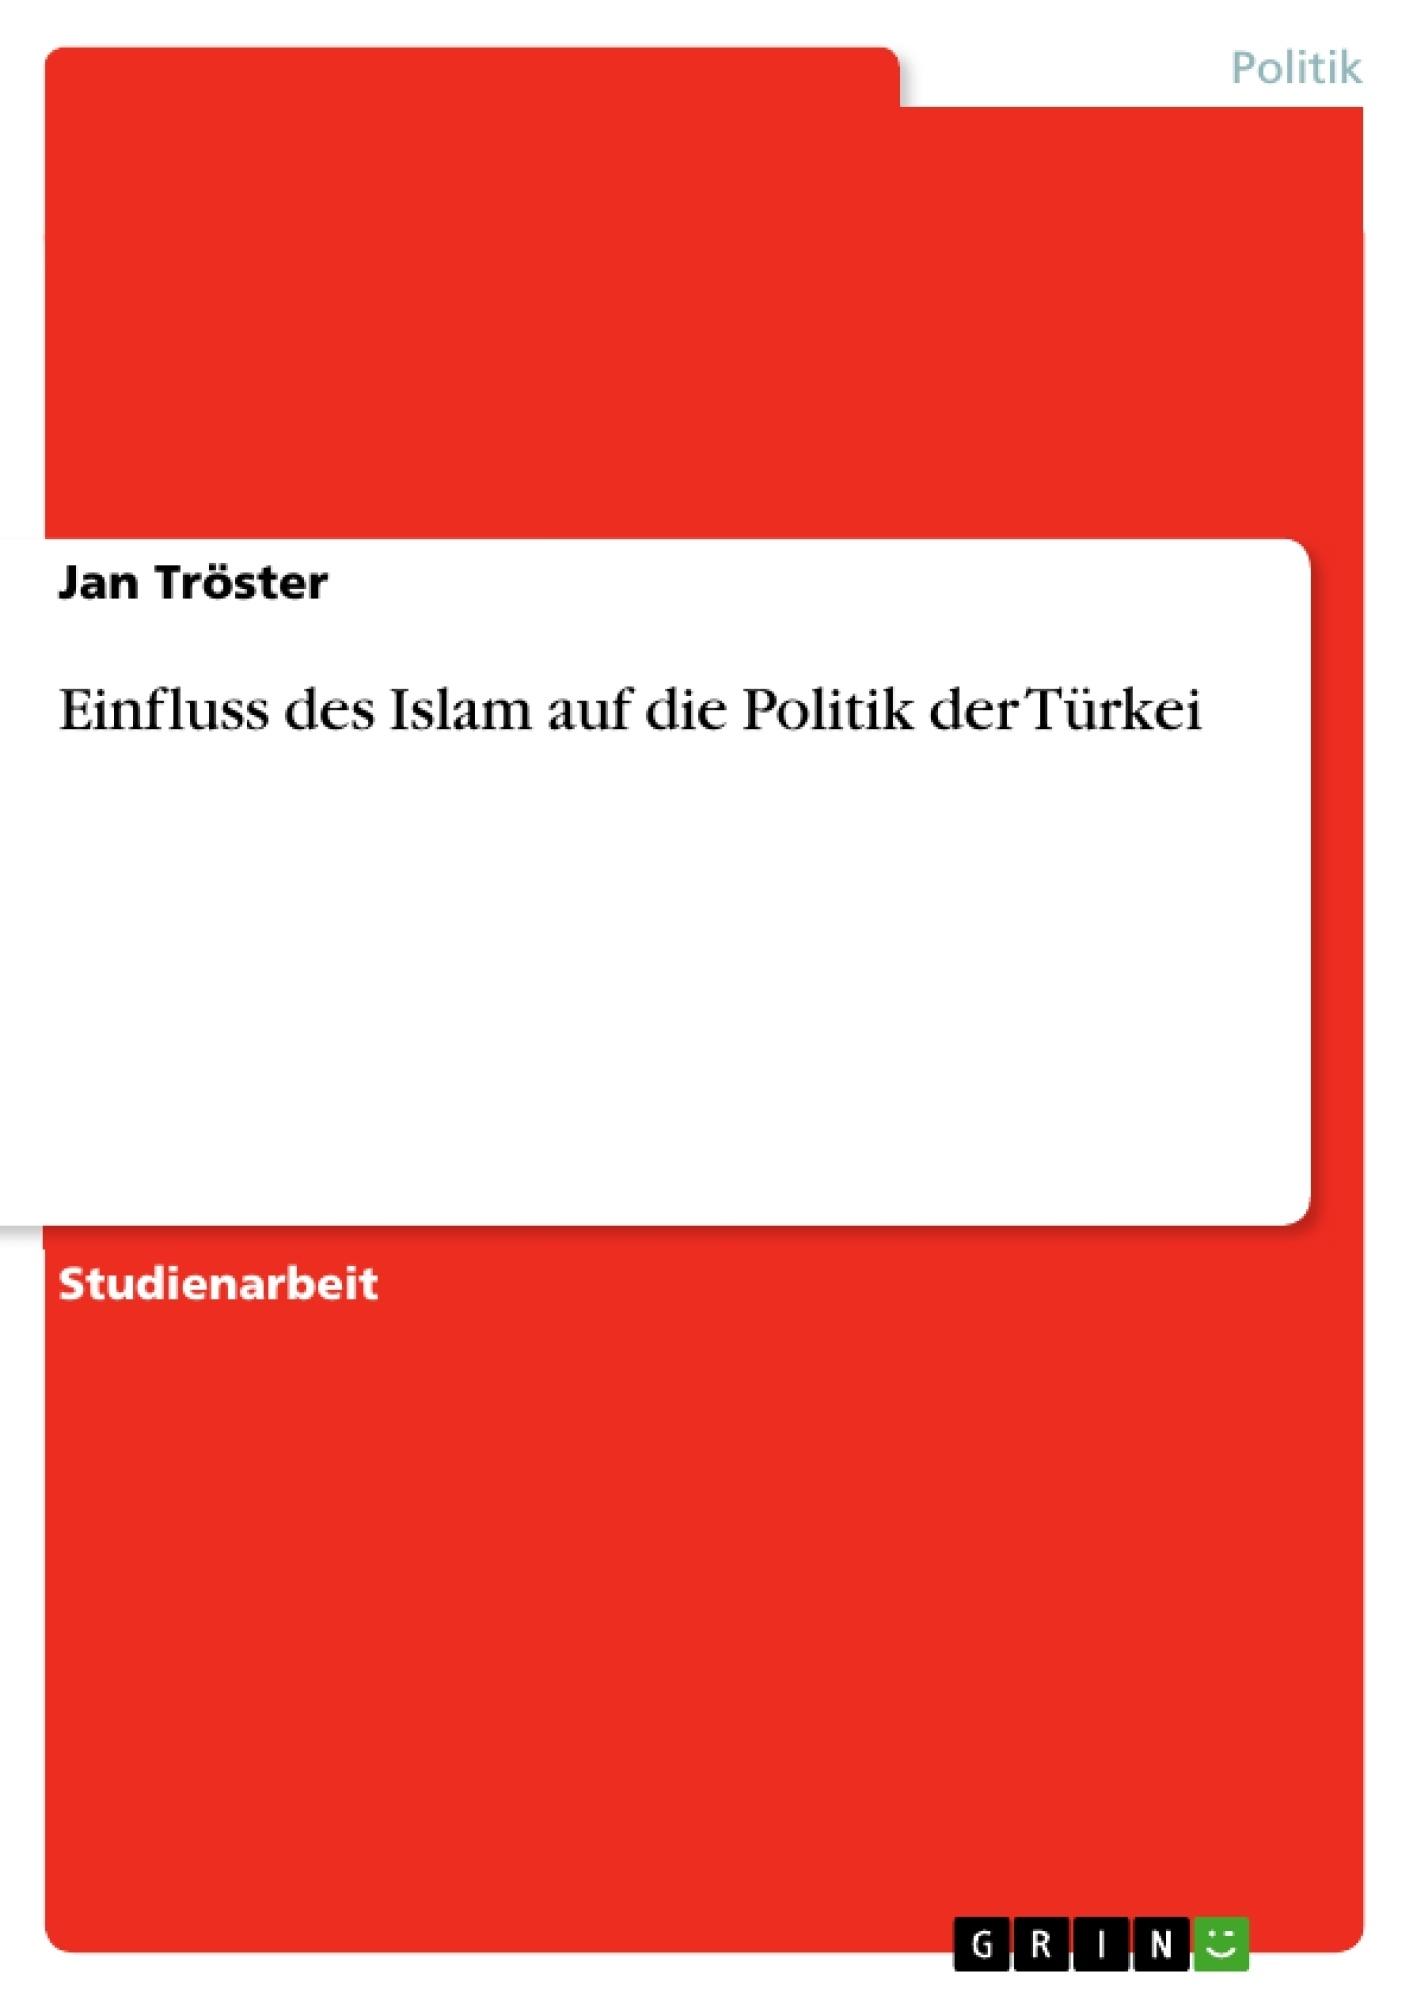 Titel: Einfluss des Islam auf die Politik der Türkei